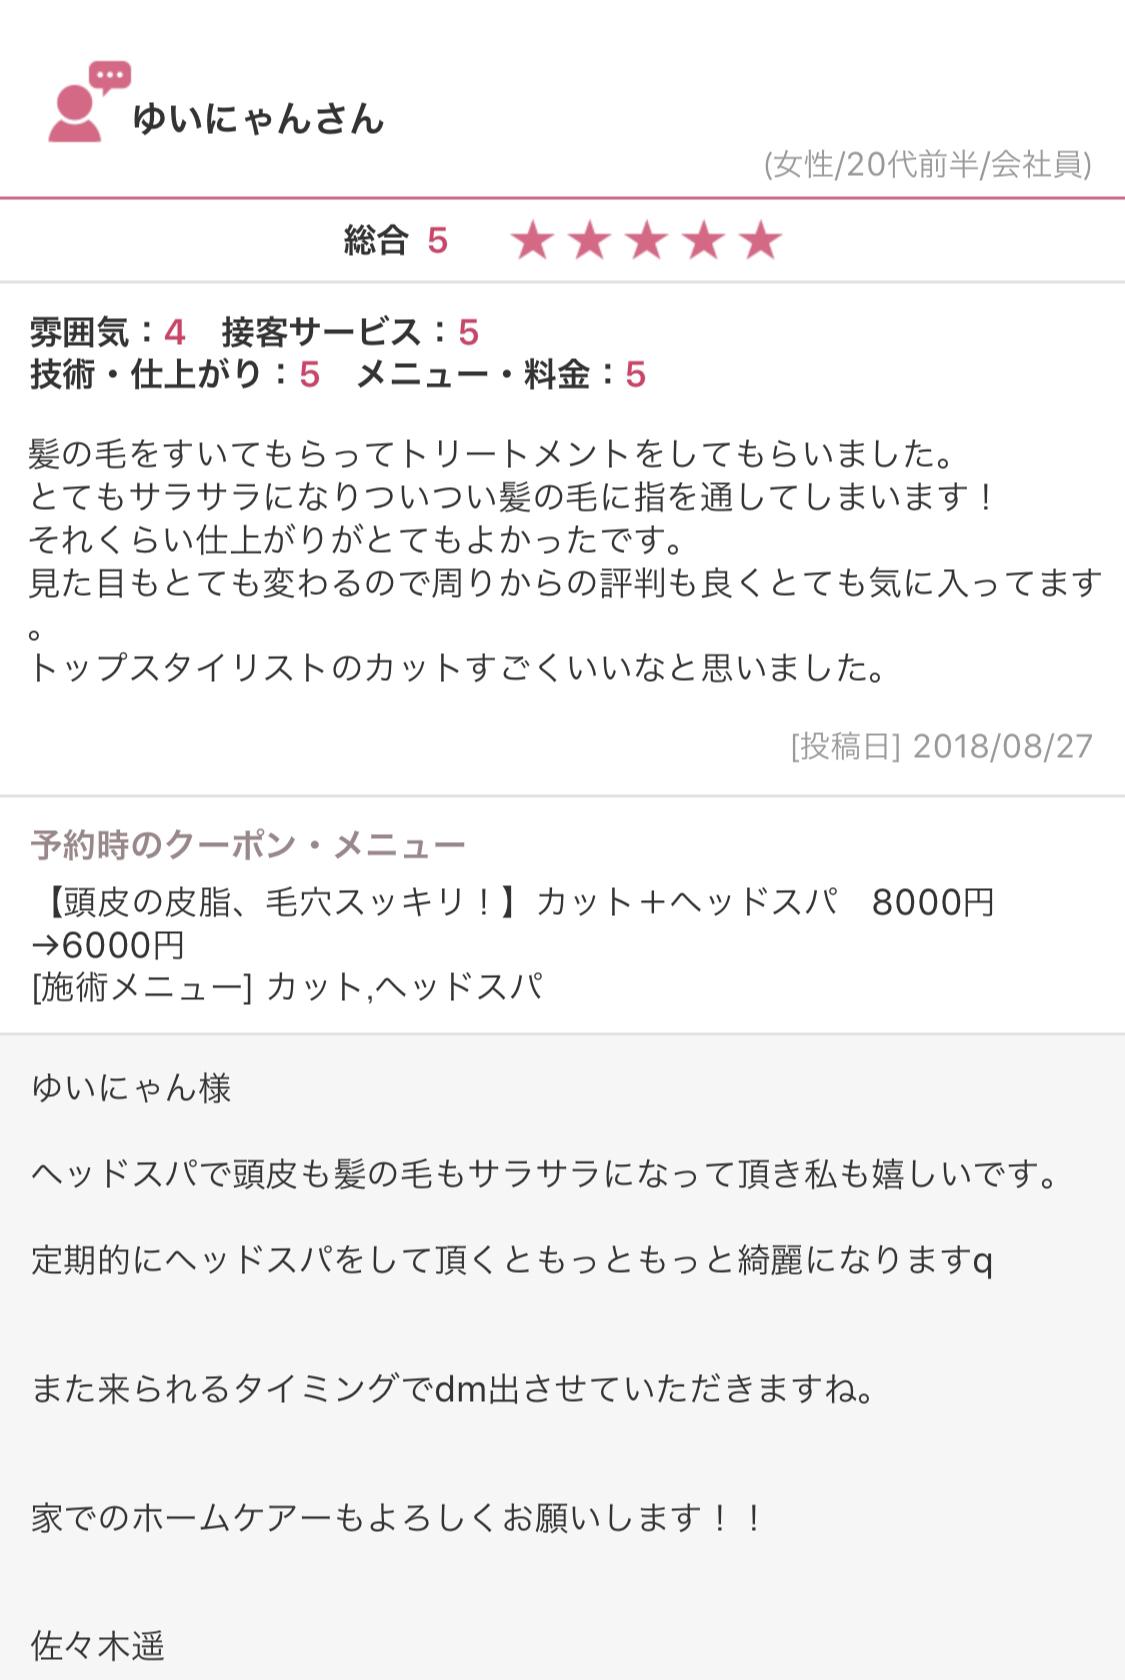 721FEEAA-FDD7-4B74-97F6-544DA156962A